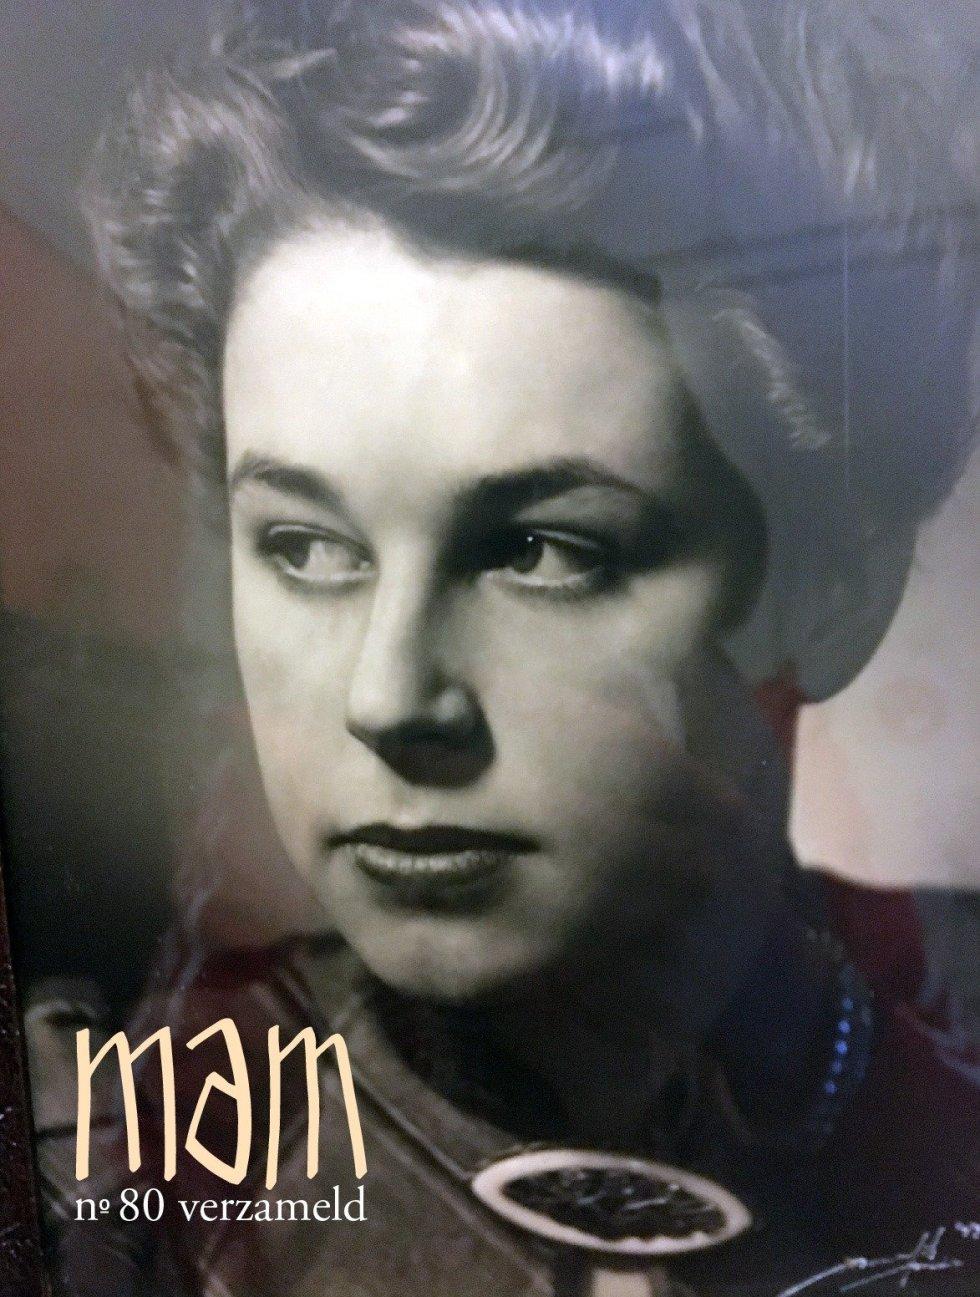 Doodstil #Mam #AdelheidRoosen #AlzheimerFluisteren #80